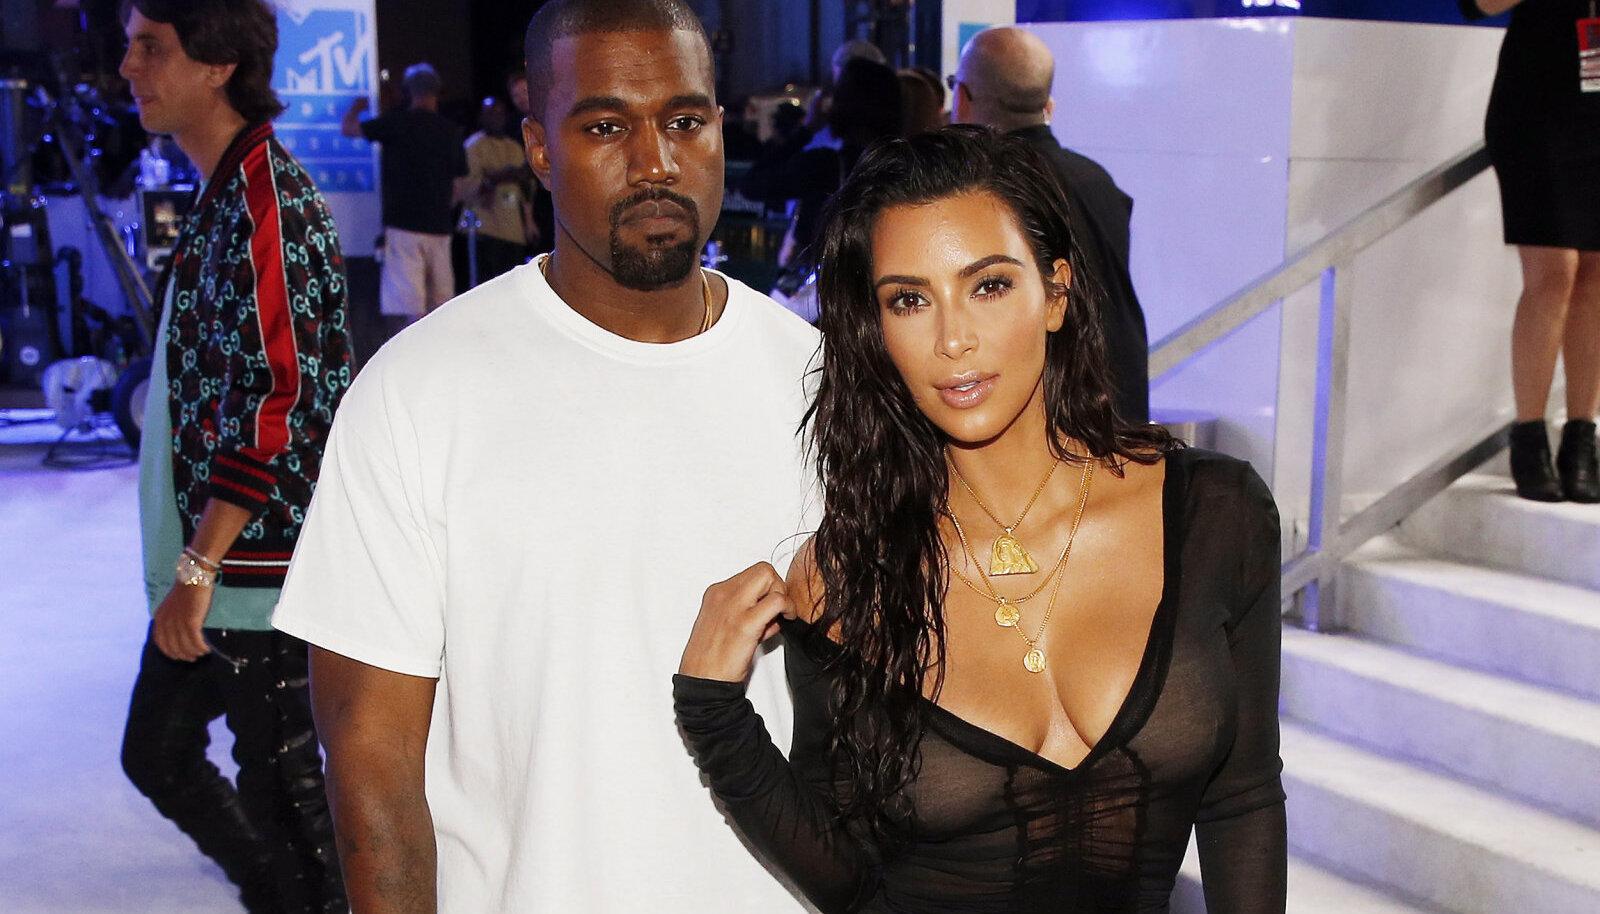 Kim ja Kanye 2016. aastal. Allikate sõnul leidsid lugematud petmised aset just siis.